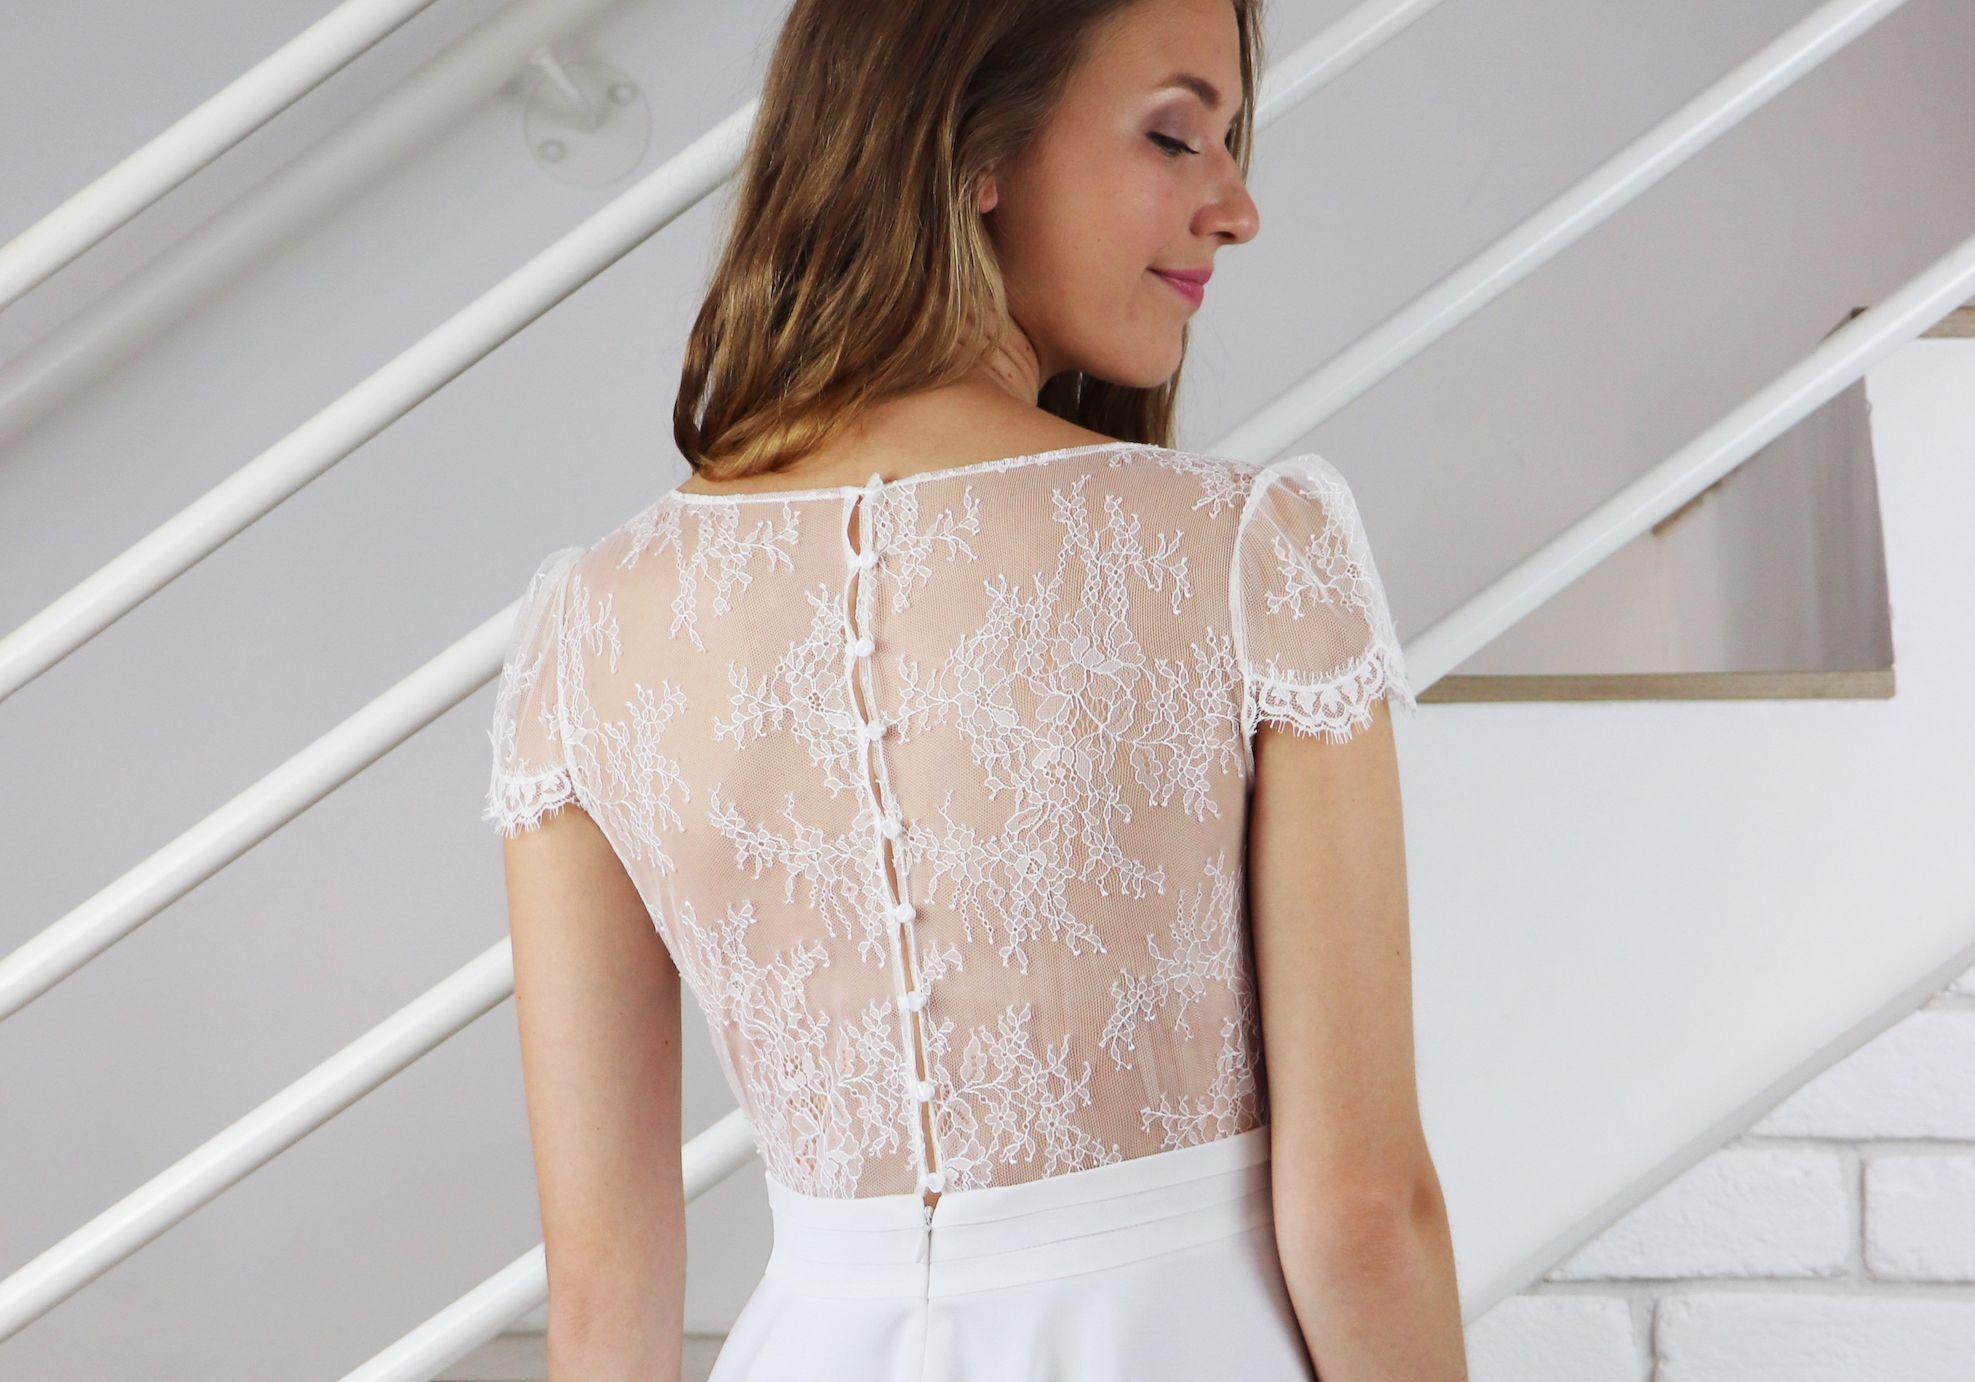 Modele de robe en pagne pour mariage civil